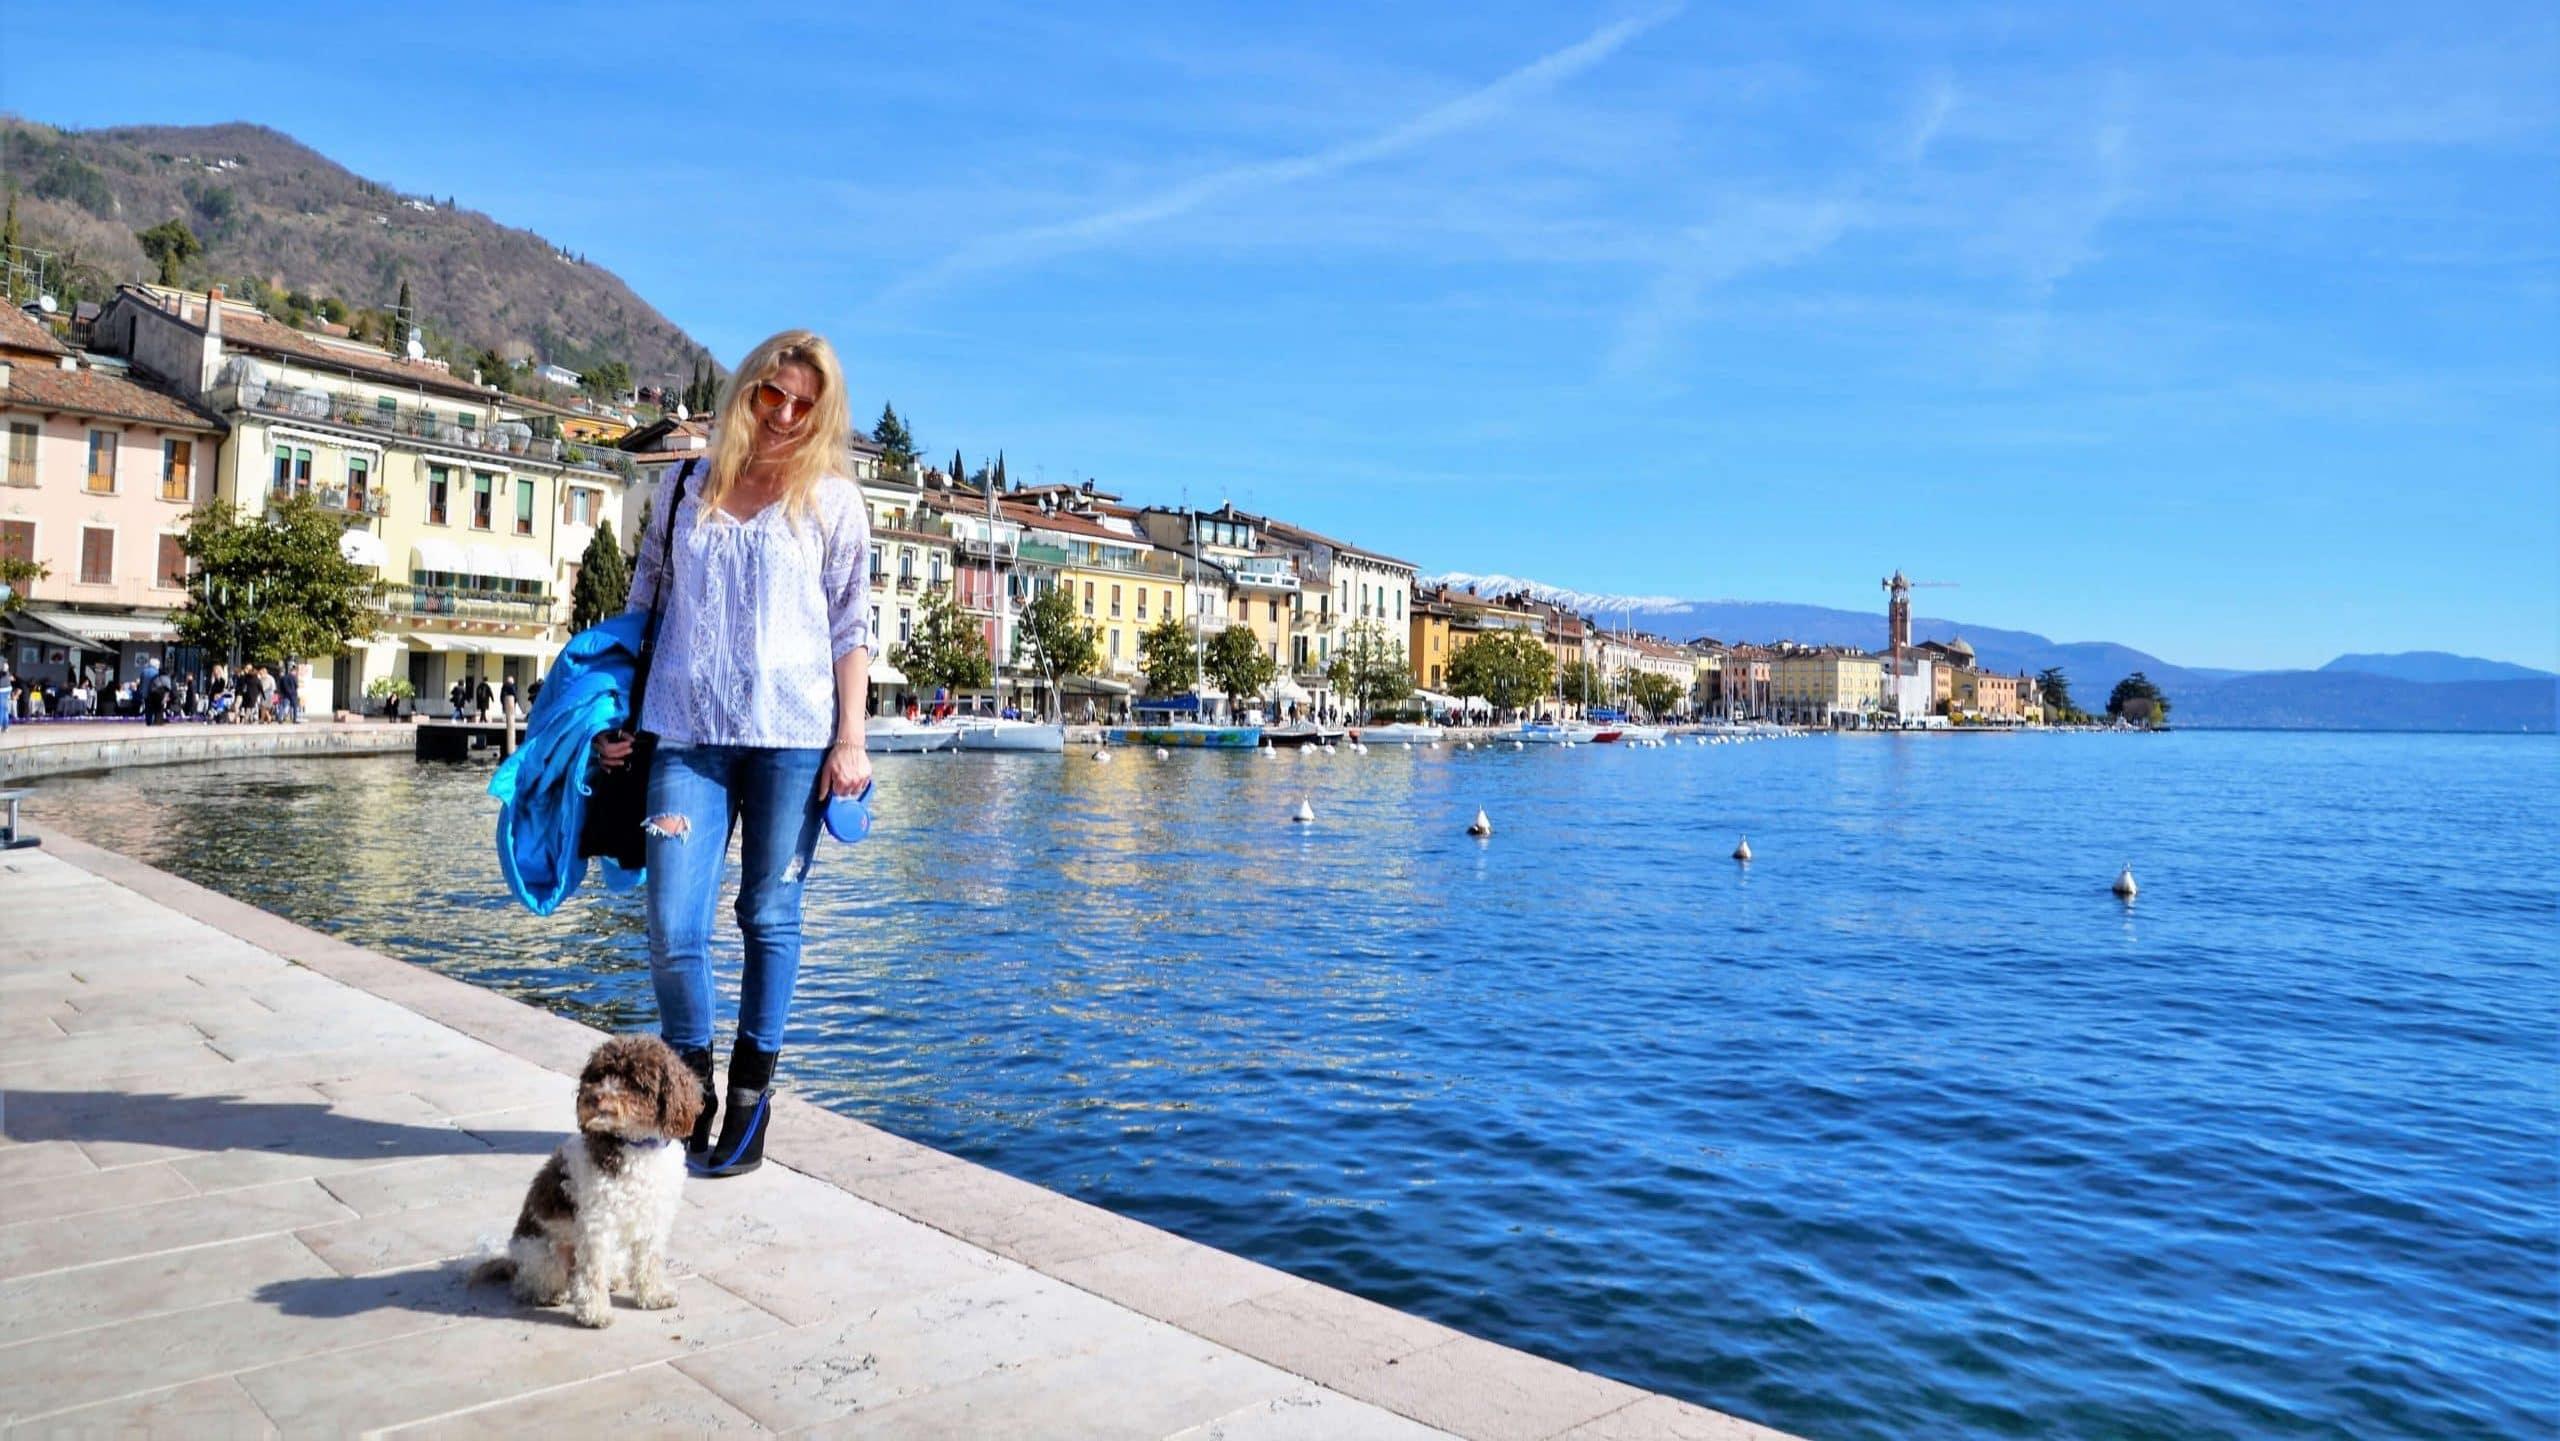 Uferpromenade von Salo Sehenswürdigkeiten am Gardasee